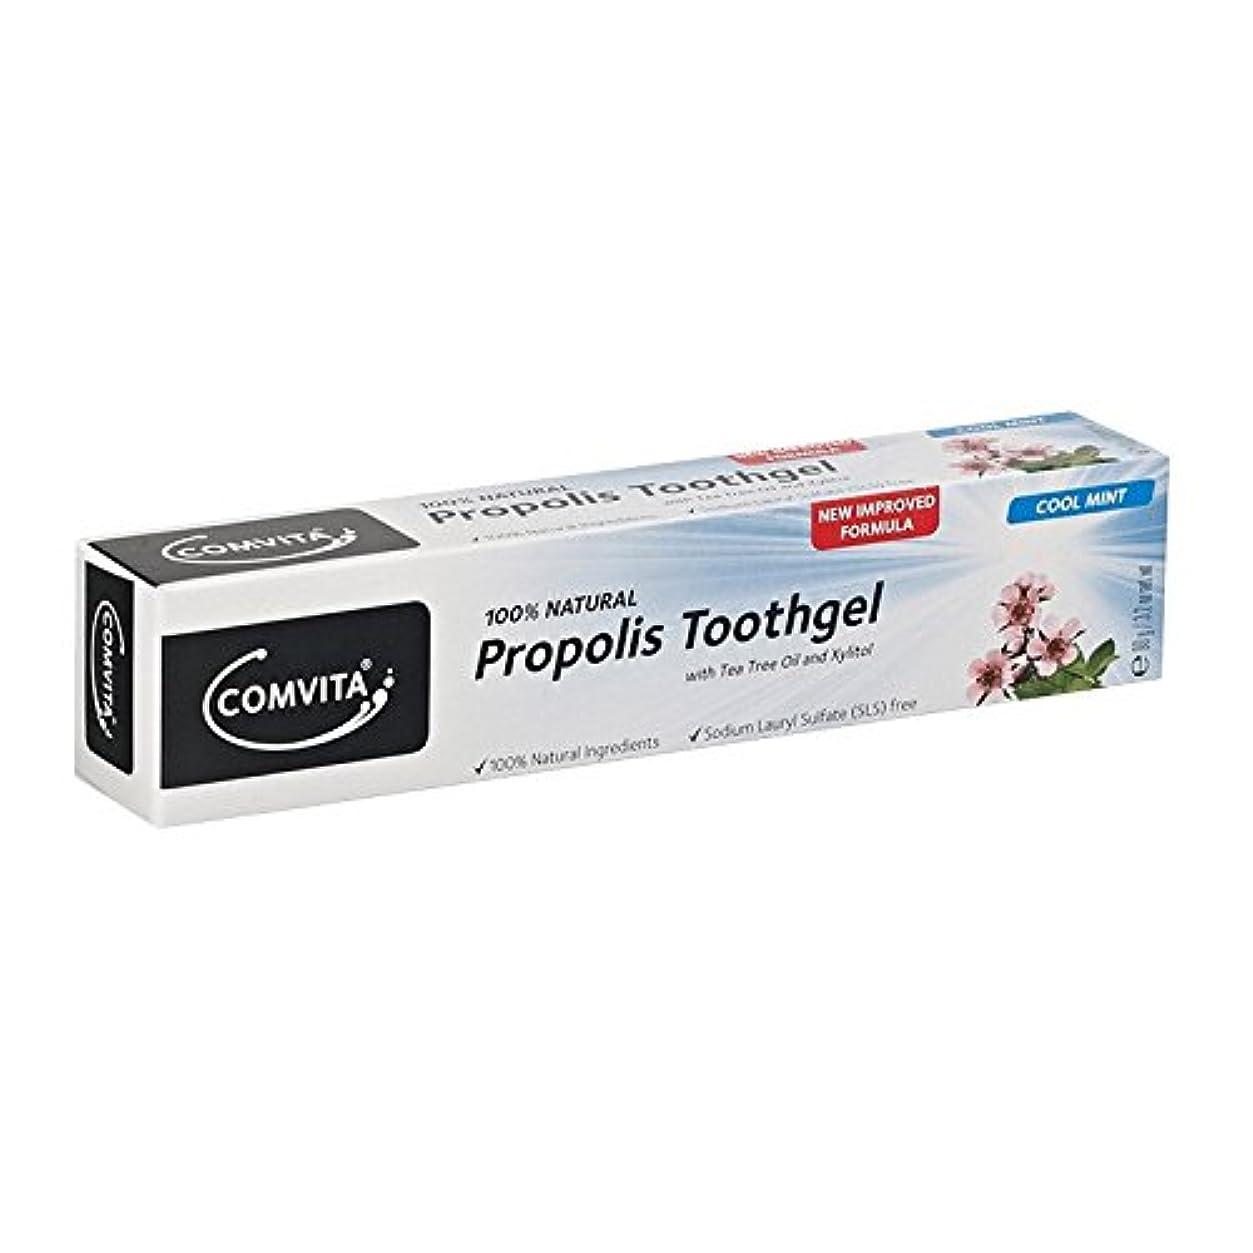 信号カスタム貴重なComvita 100 Natural Propolis Toothgel (Pack of 6) - コンビタ100天然プロポリスToothgel (x6) [並行輸入品]